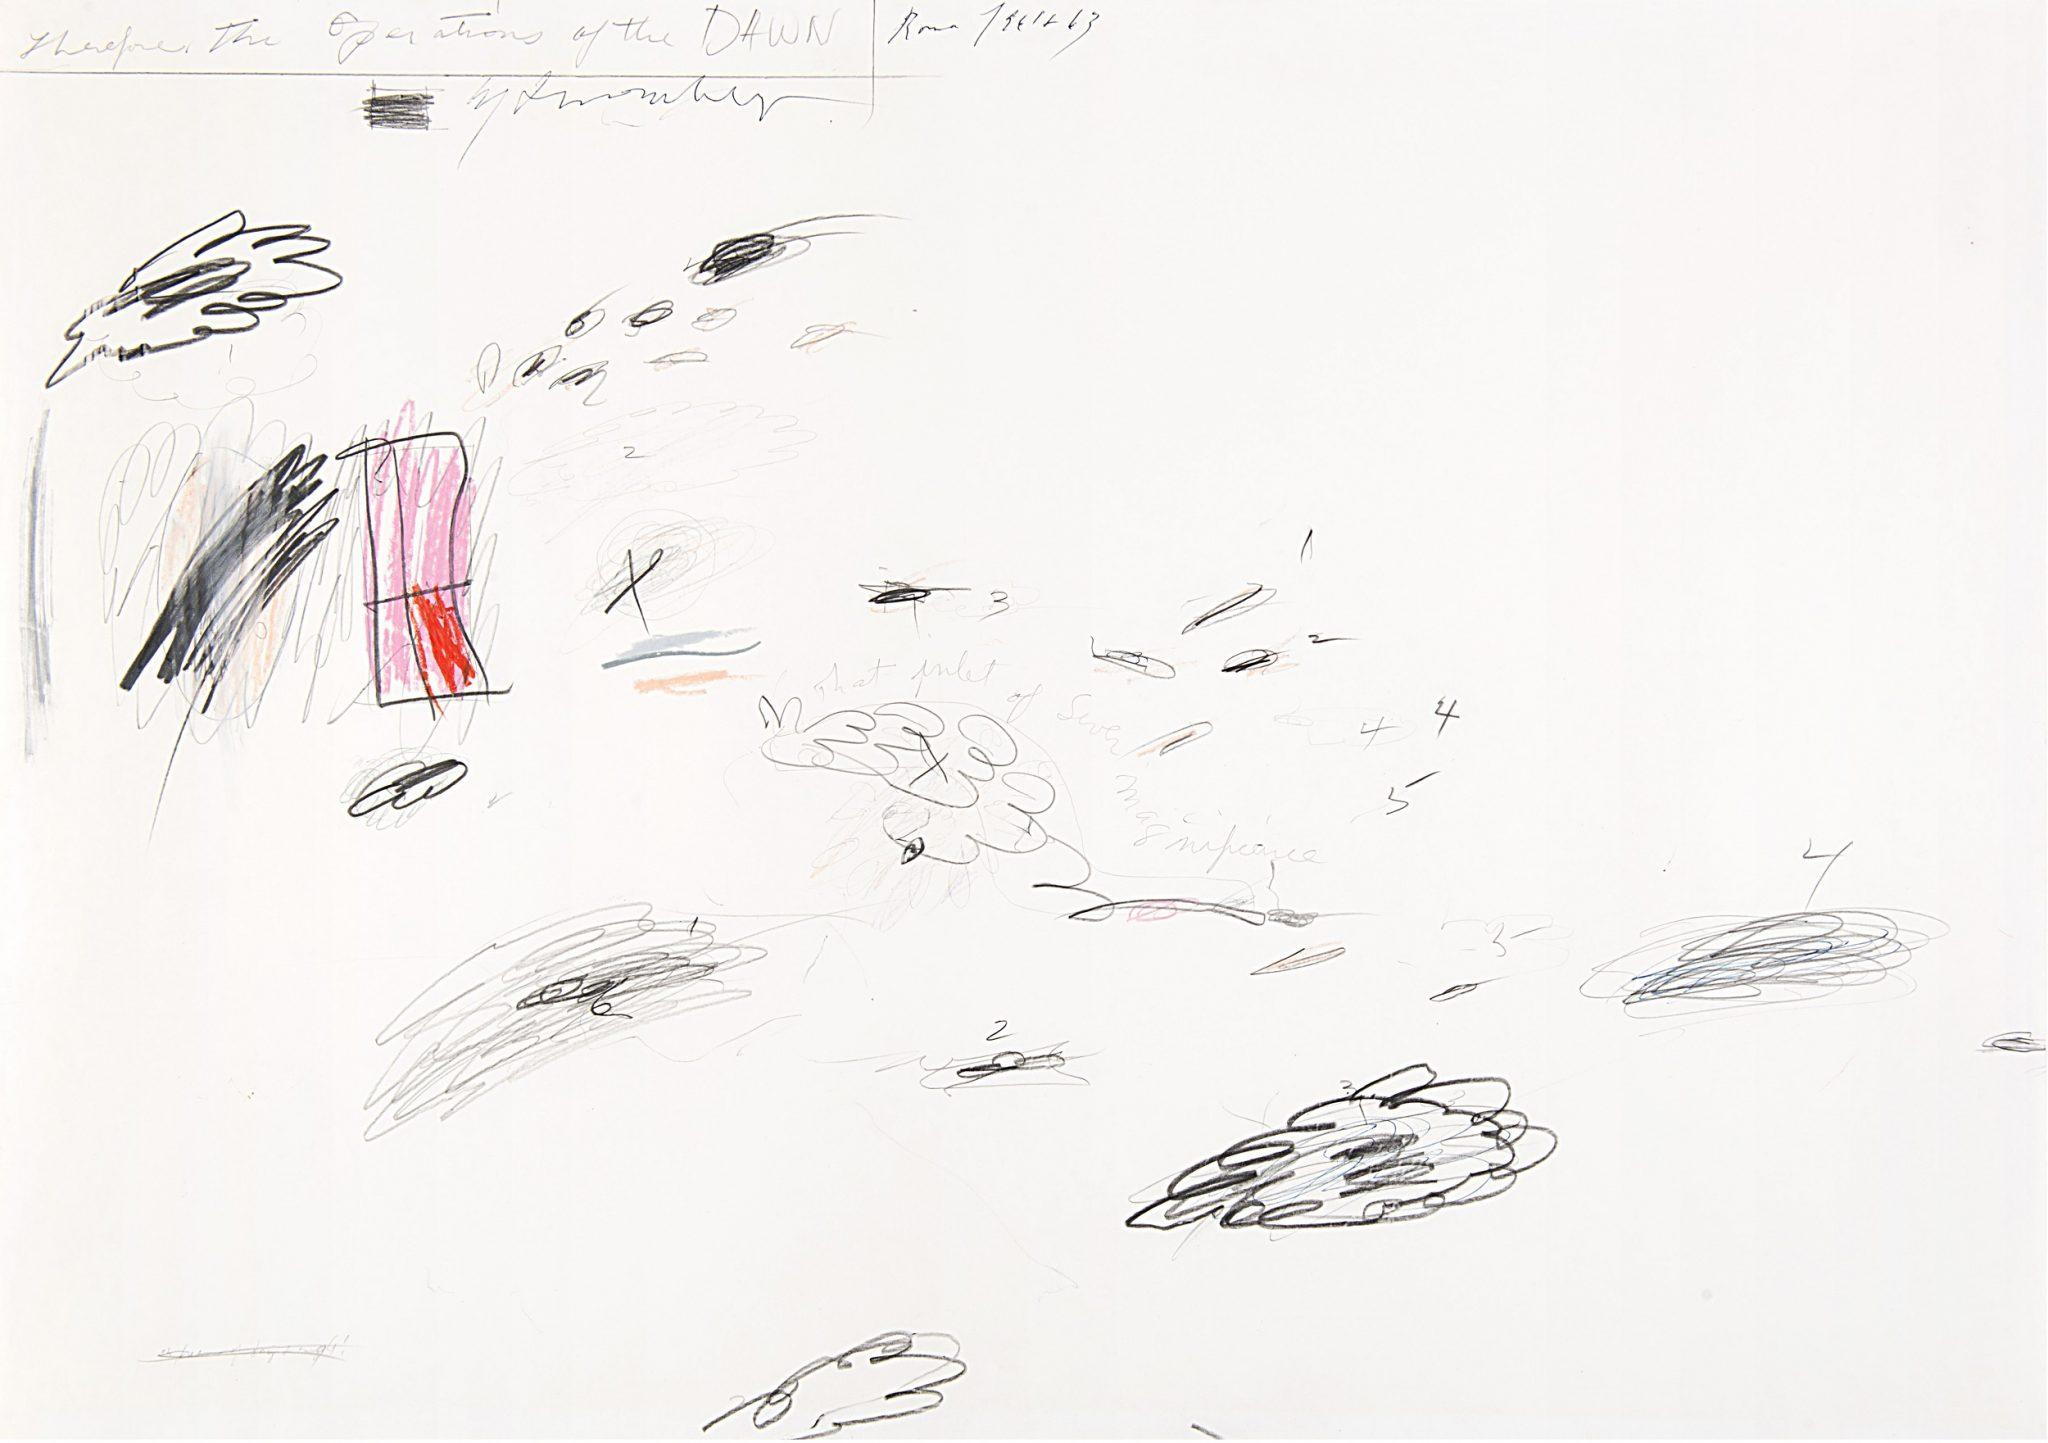 """CY TWOMBLY """"Senza titolo"""" 1961-1963 grafite, matita, pastelli, penna a sfera su cartoncino cm 49x70,2 Valutazione 200.000 - 300.000€"""